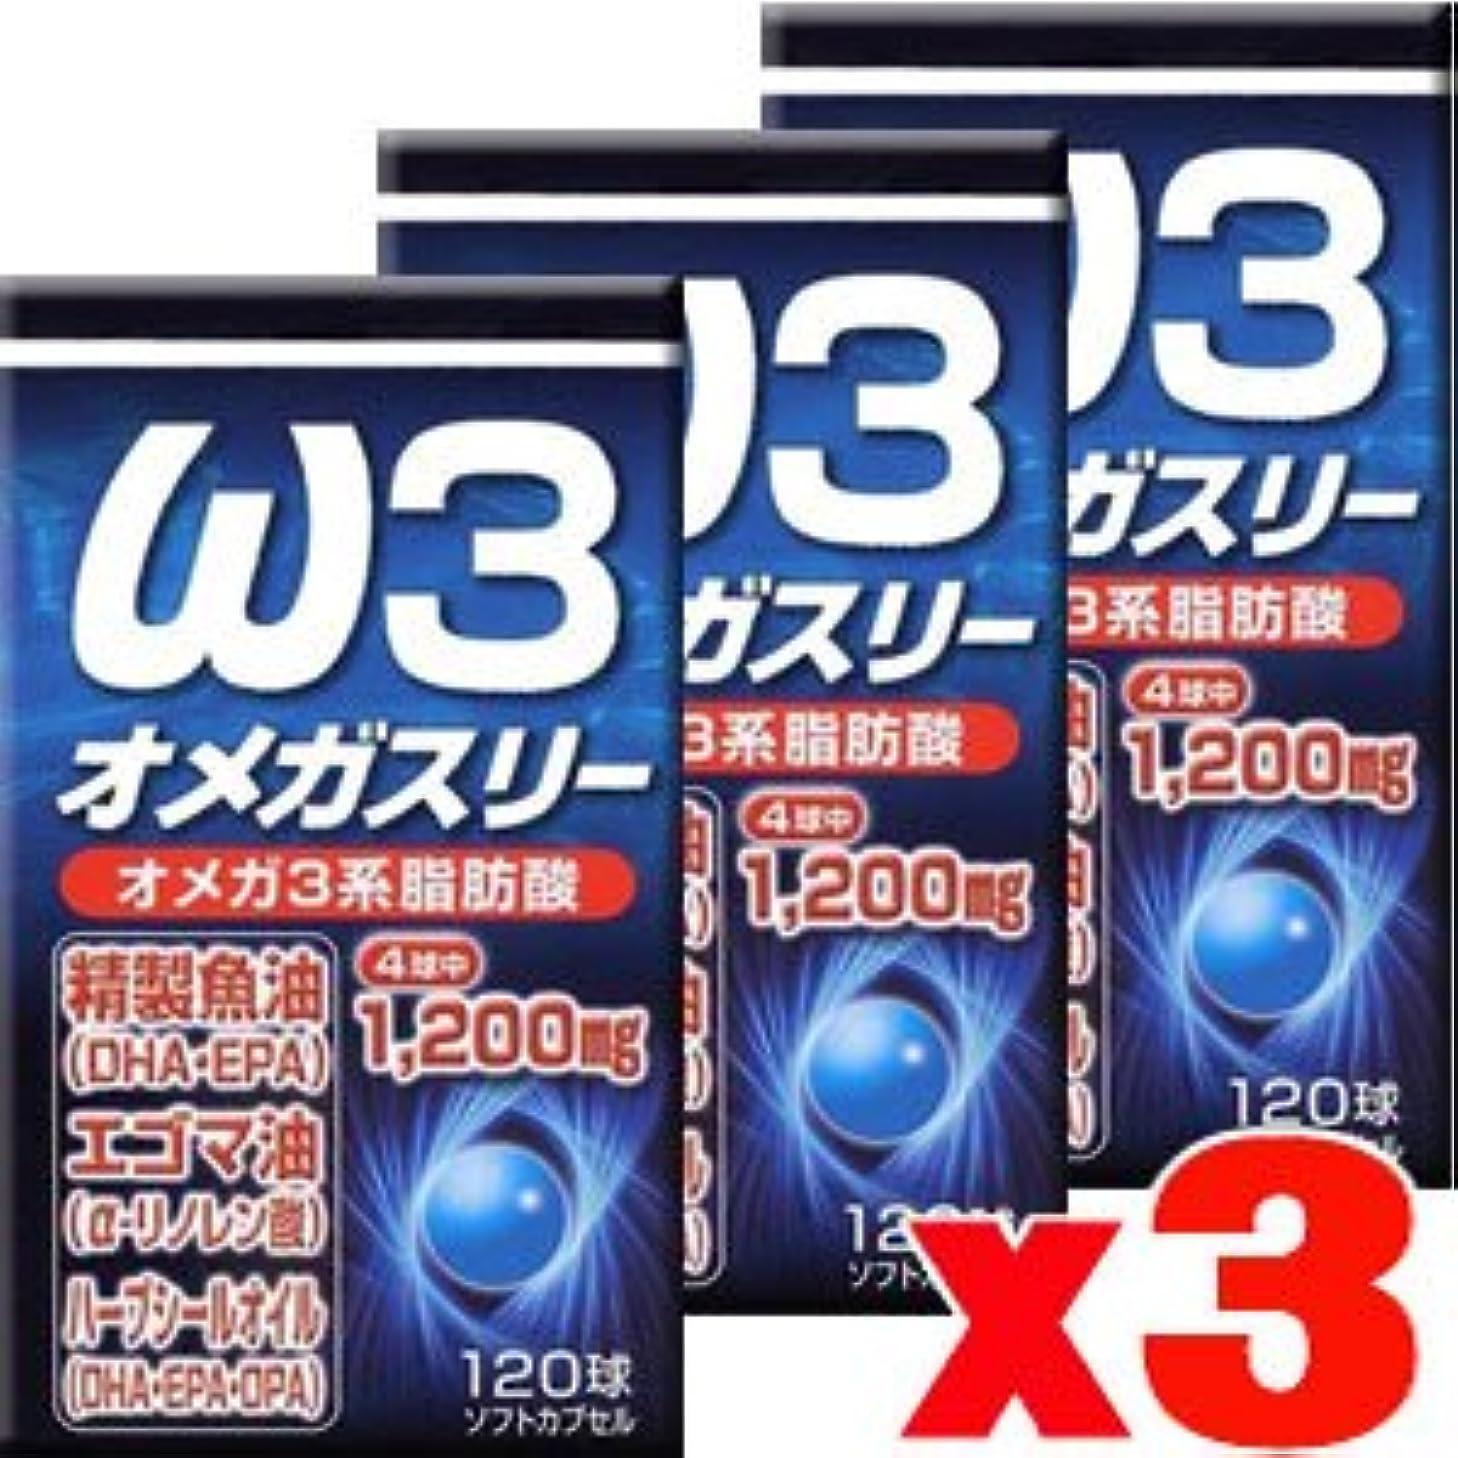 差思慮深い受けるユウキ製薬 オメガスリー 120球x3個(4524326201898)